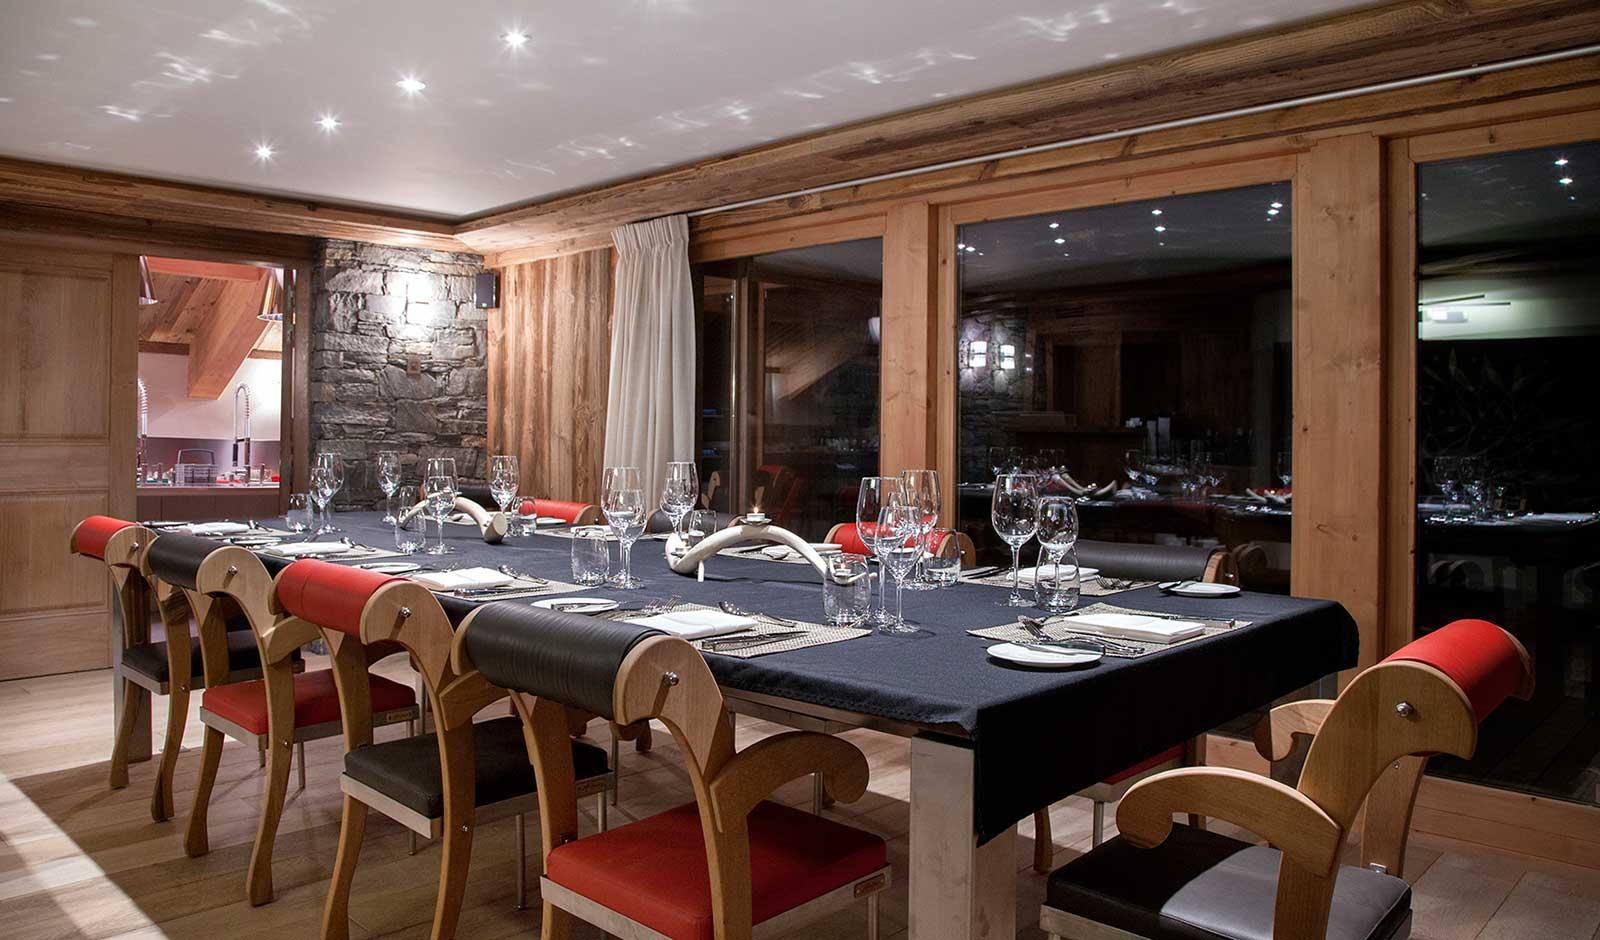 chalet-mont-tremblant-6-atelier-crea-and-co-architecte-design-project-manager-meribel-savoie